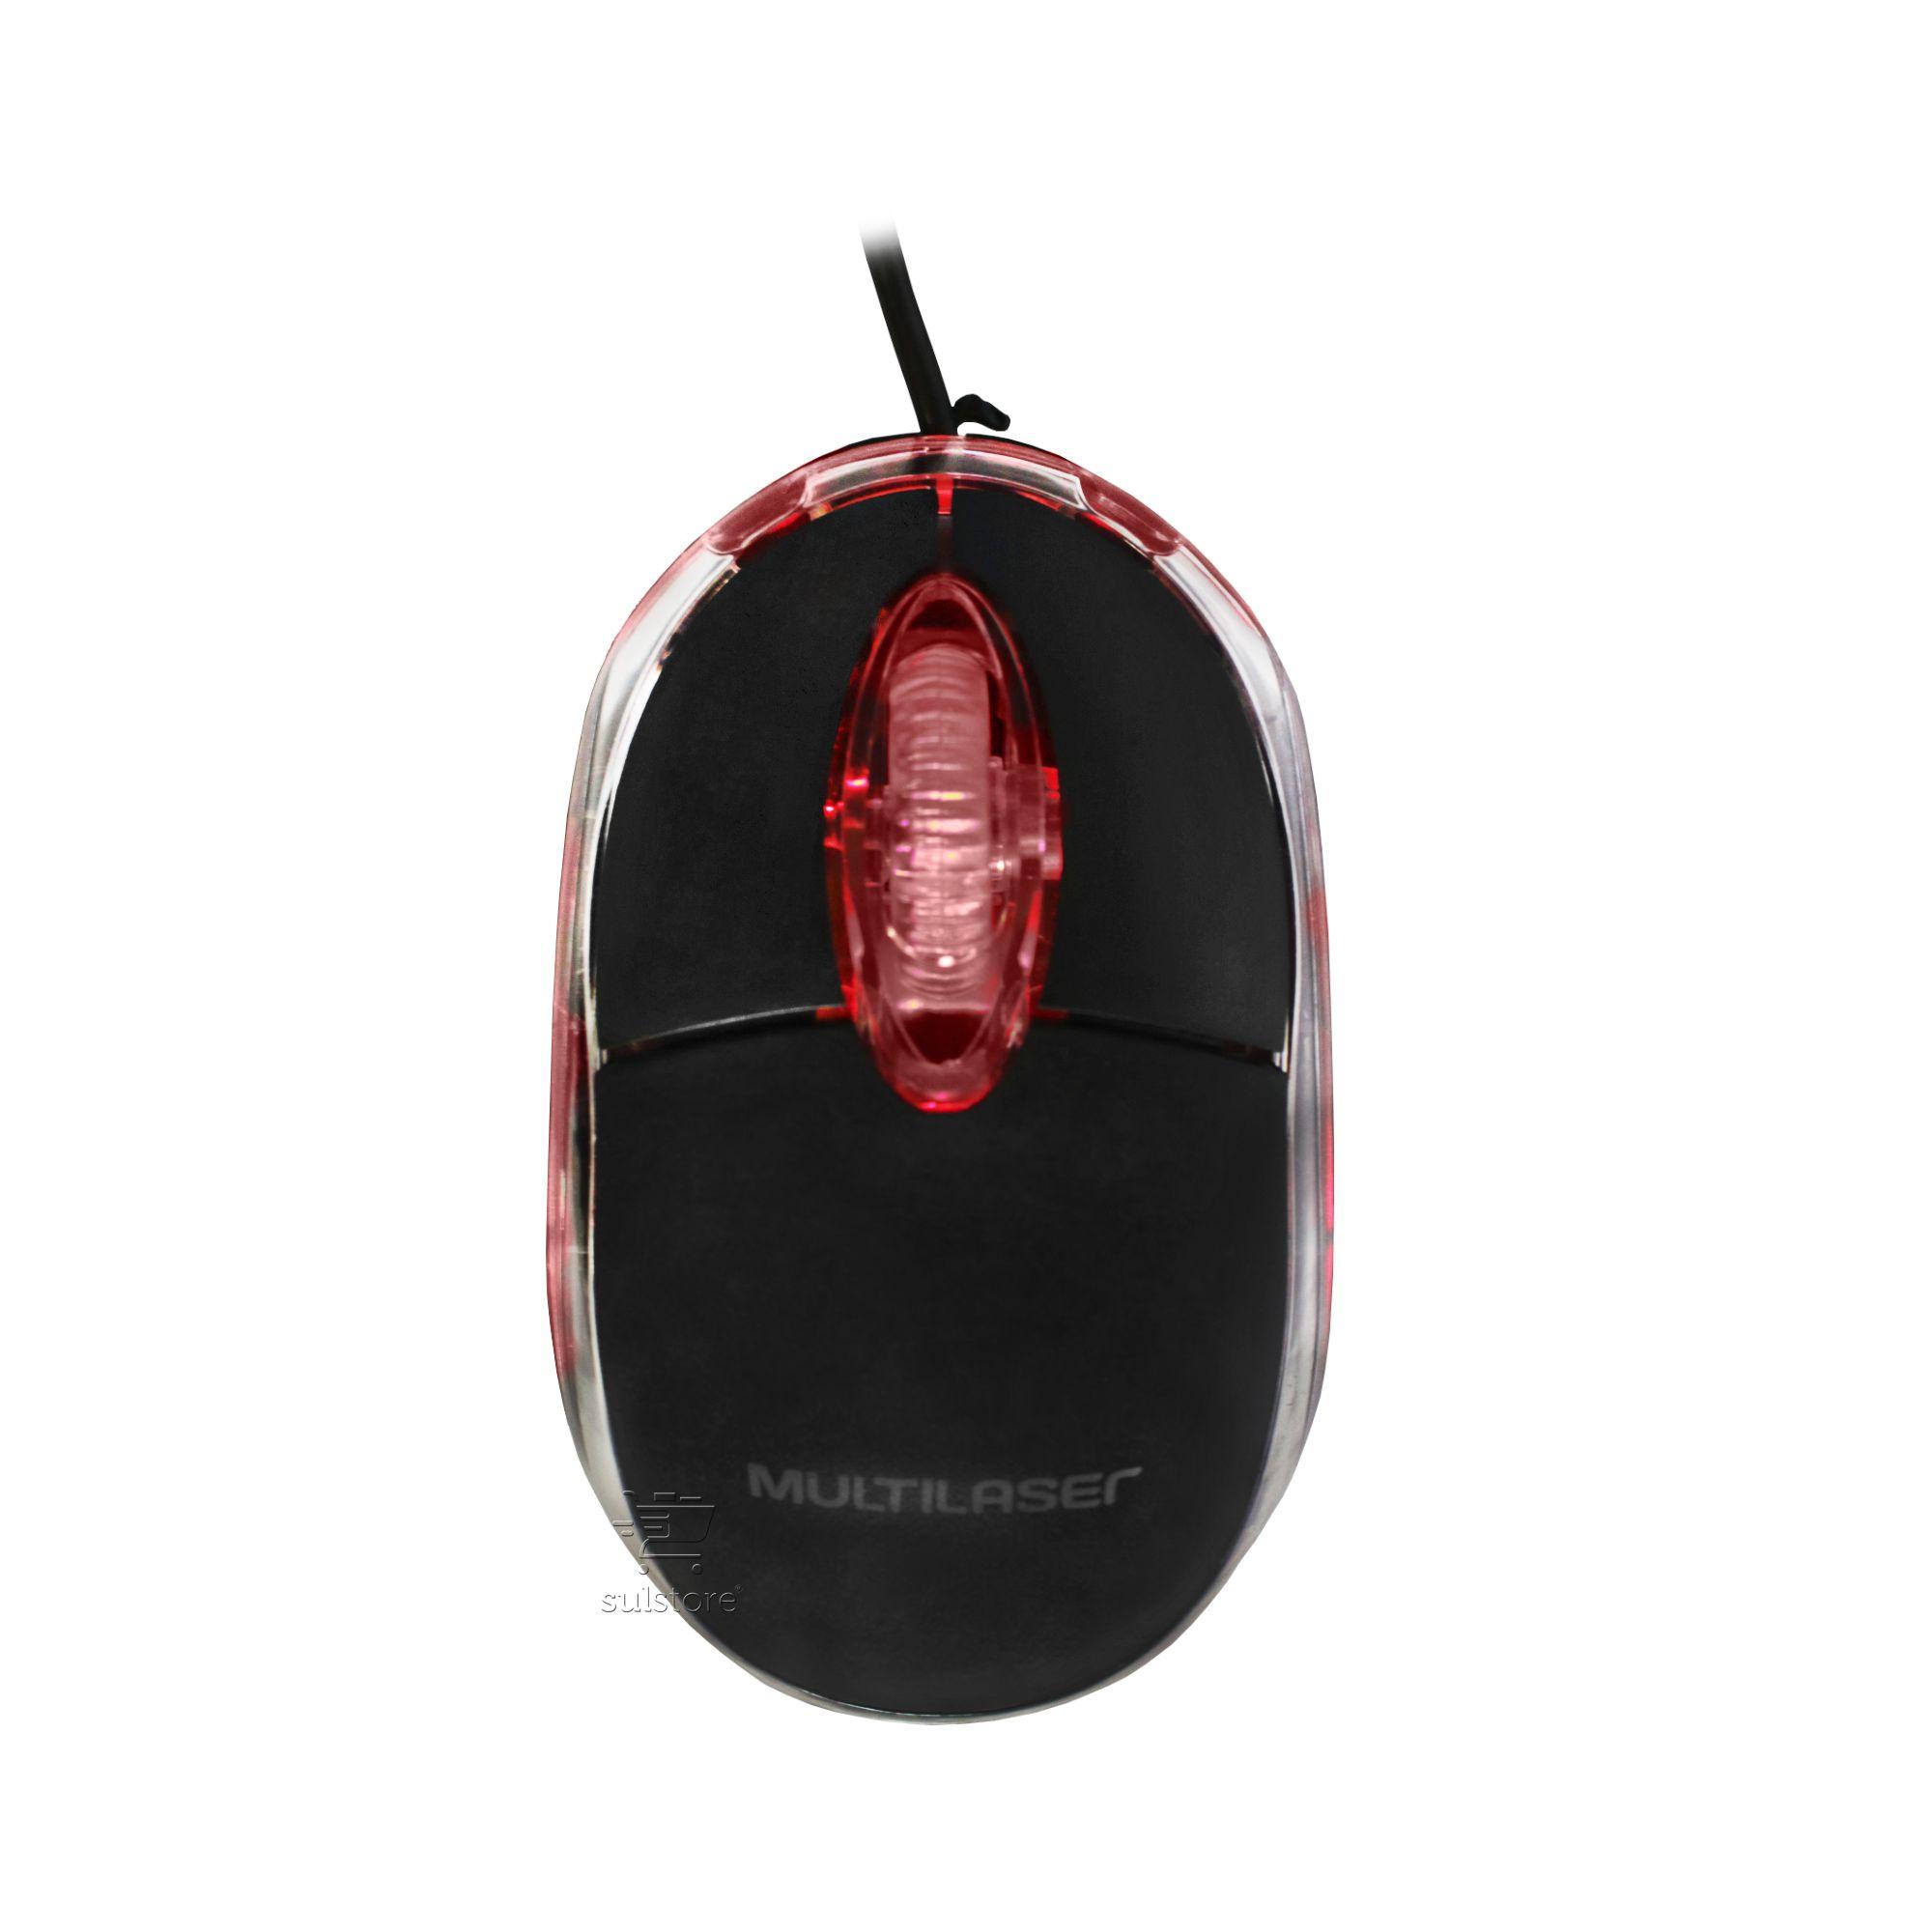 Mouse PS2 Optico Preto Multilaser MO031 1200DPI